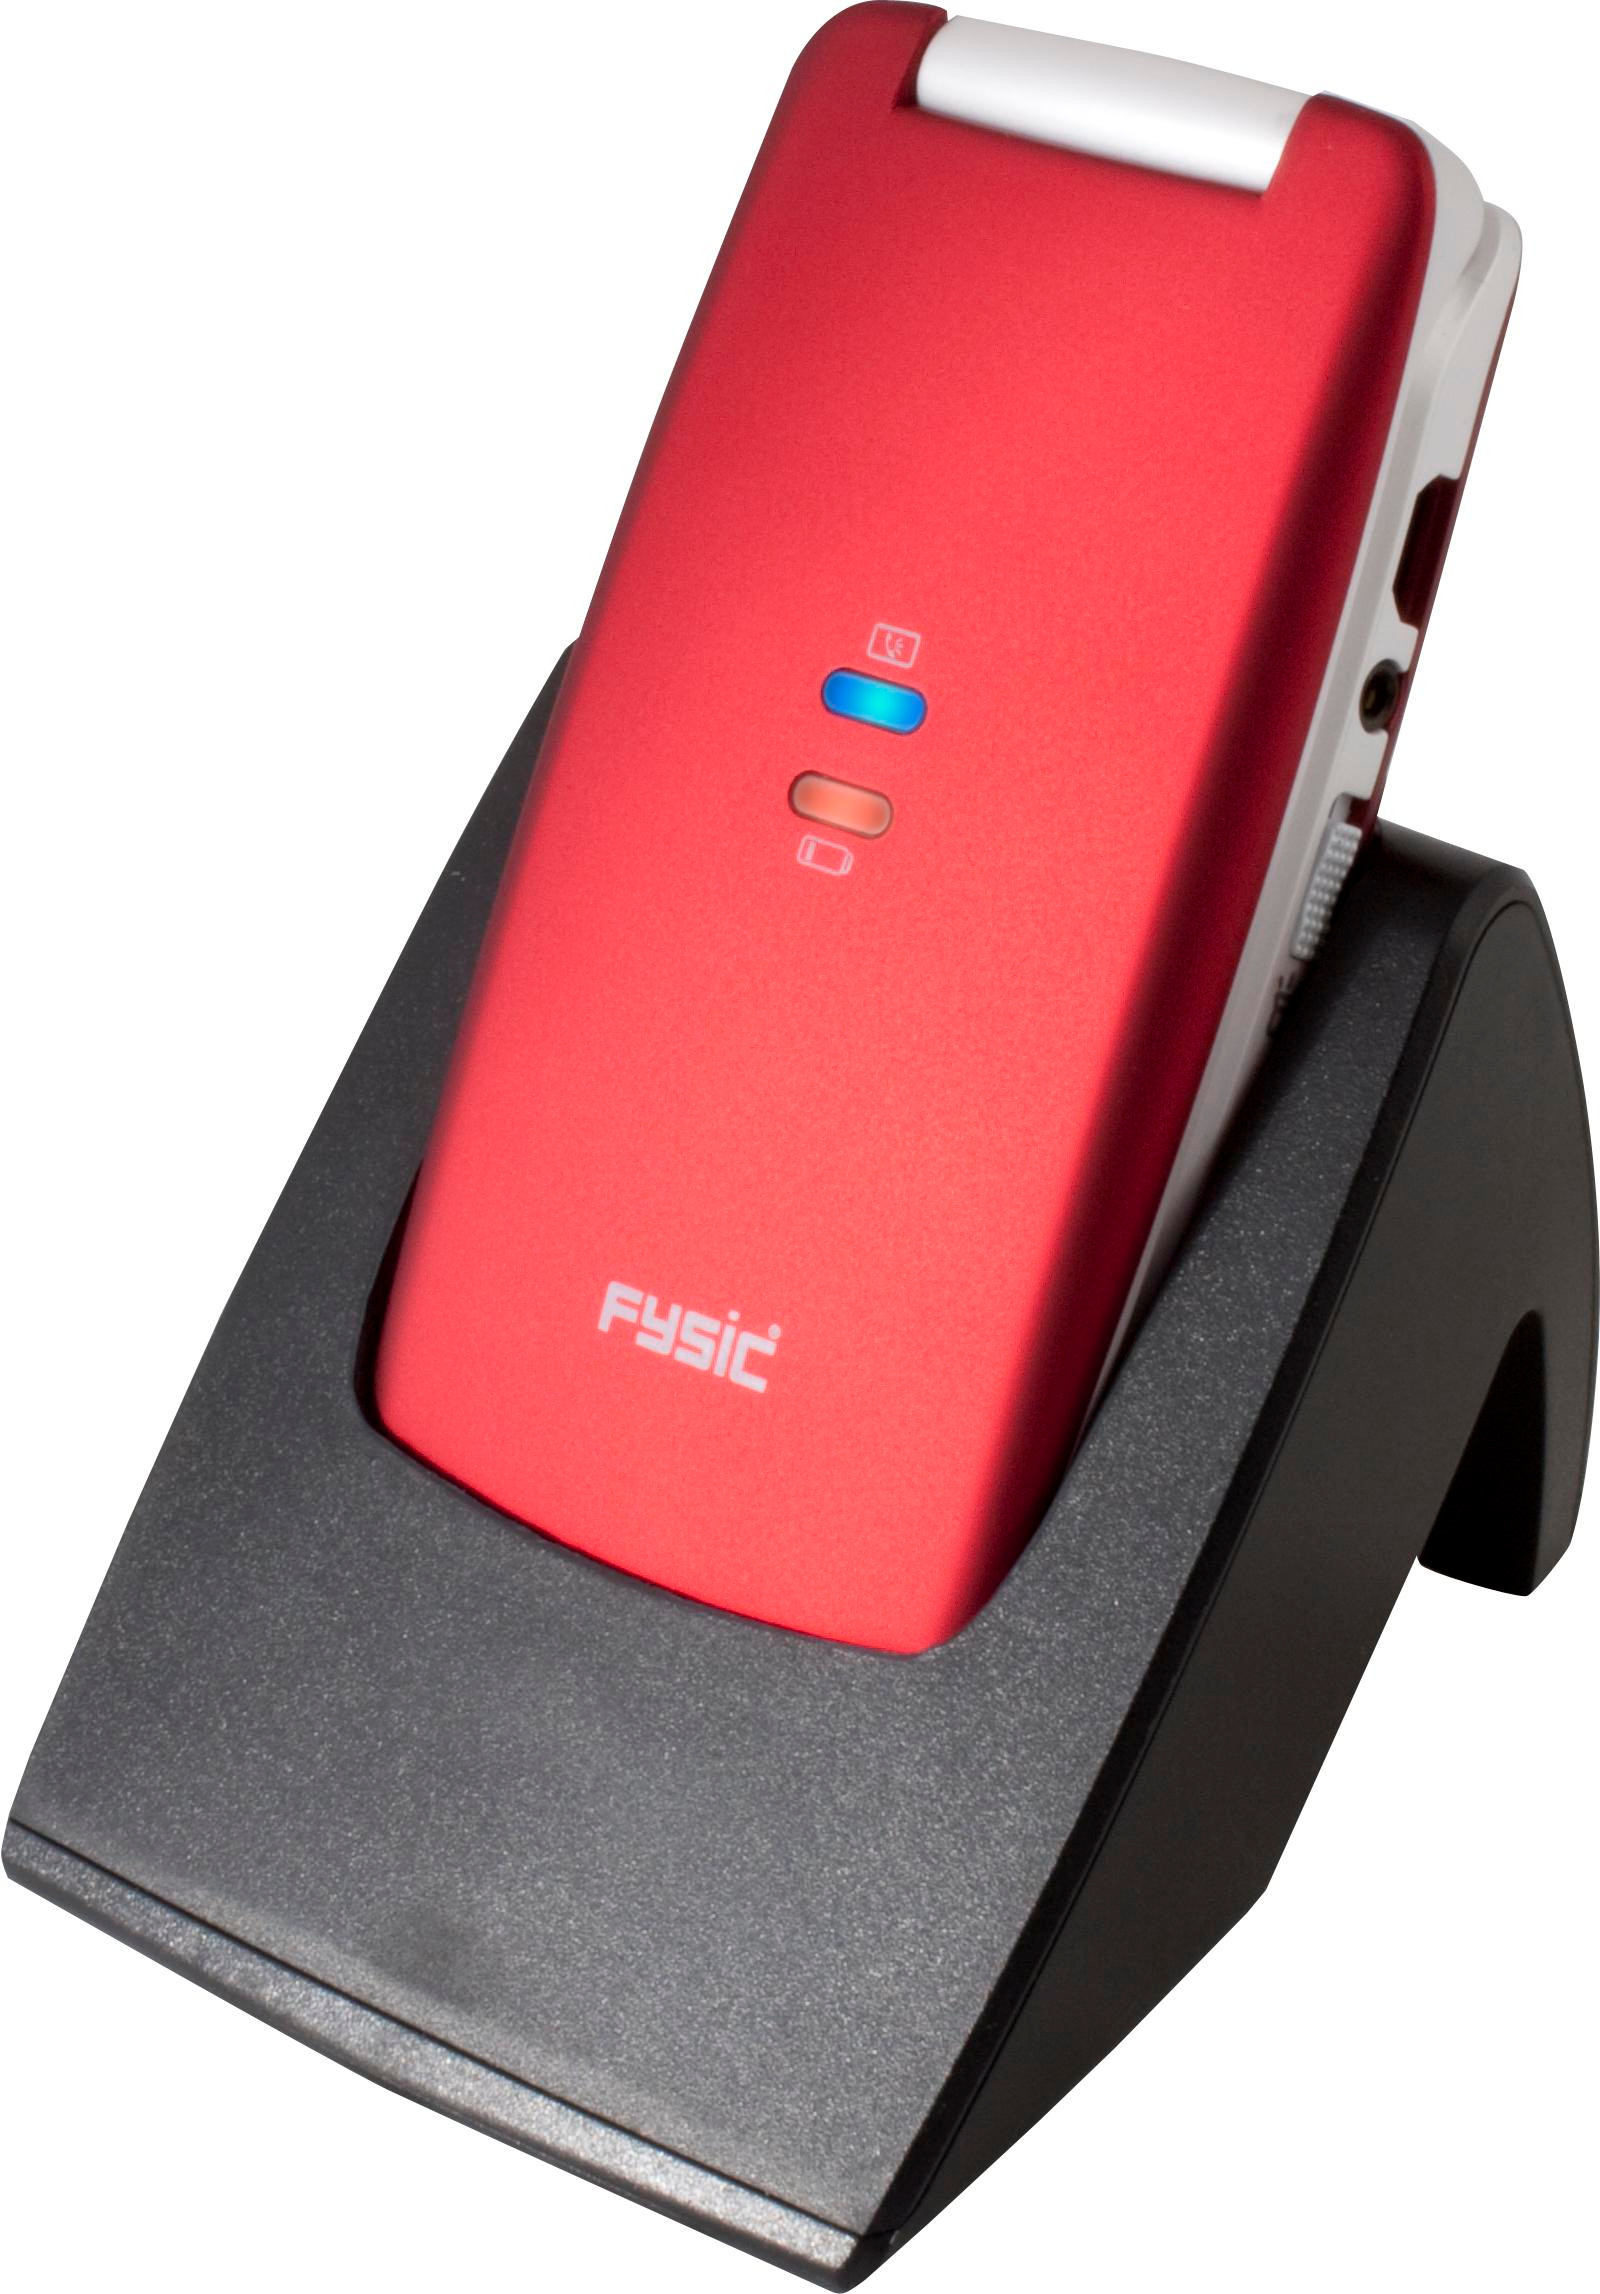 Fysic FM-9700 Rood